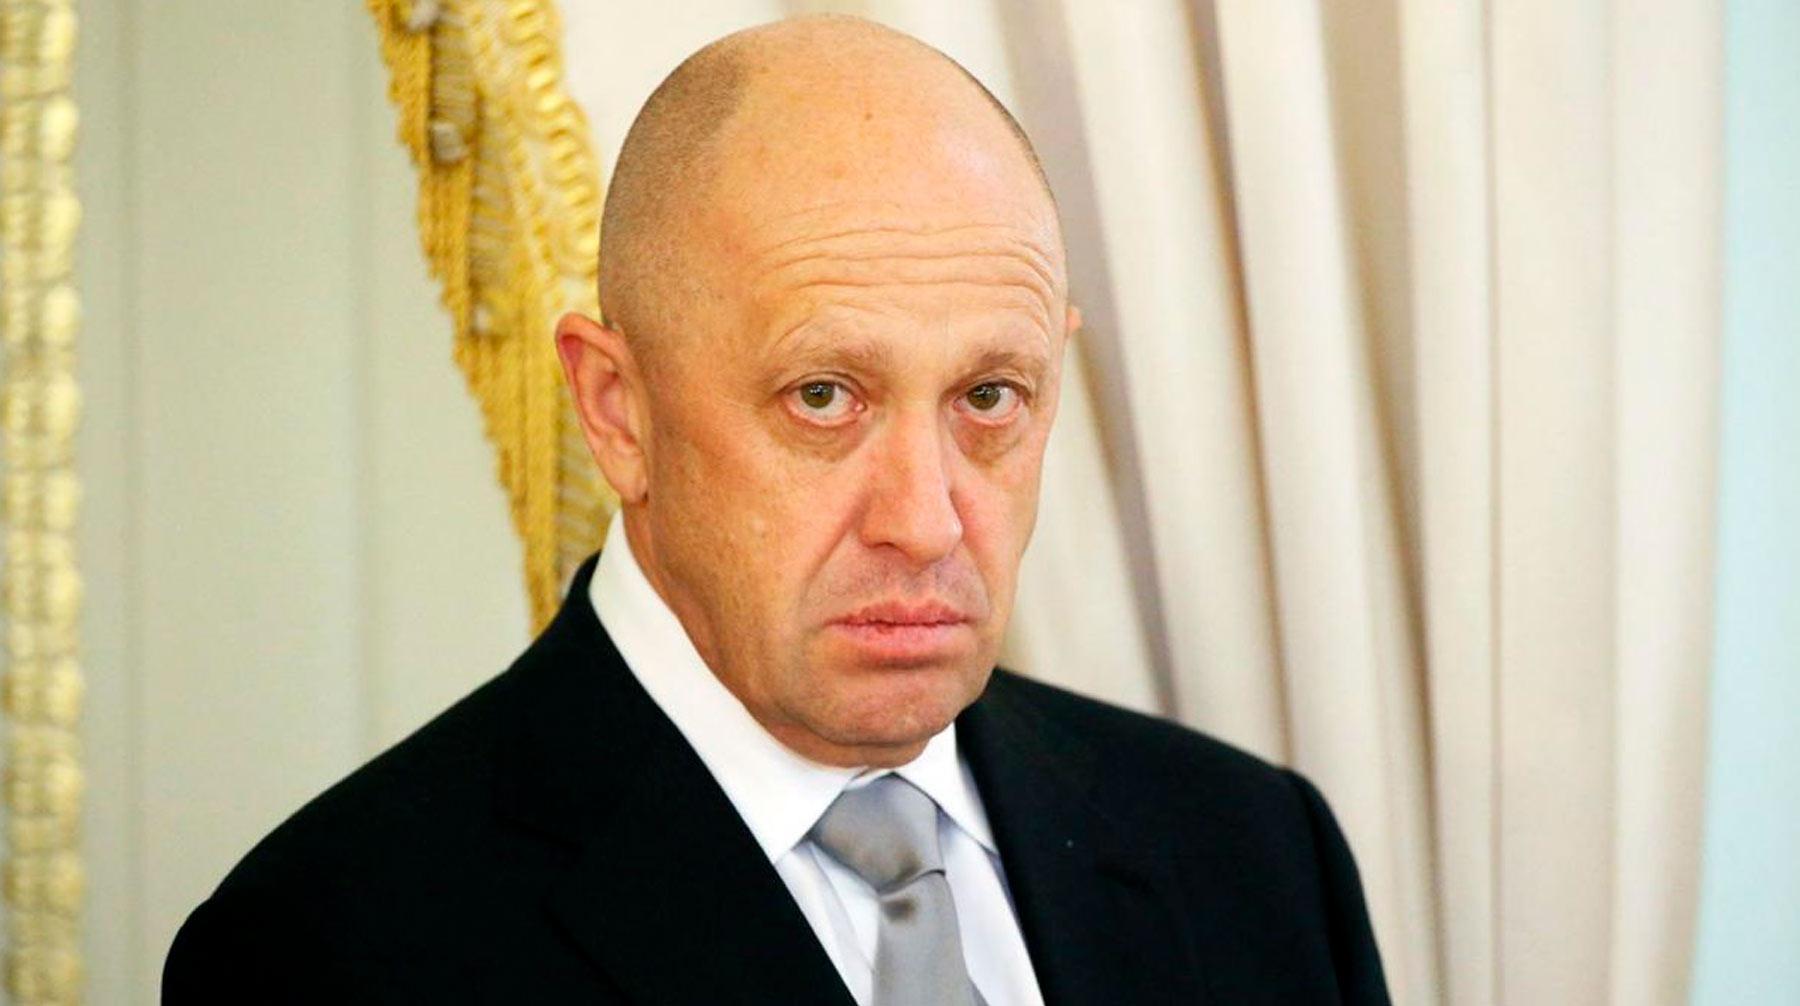 Суд по иску Пригожина к «Эху Москвы» перенесен на 9 ноября: появились дополнительные доказательства